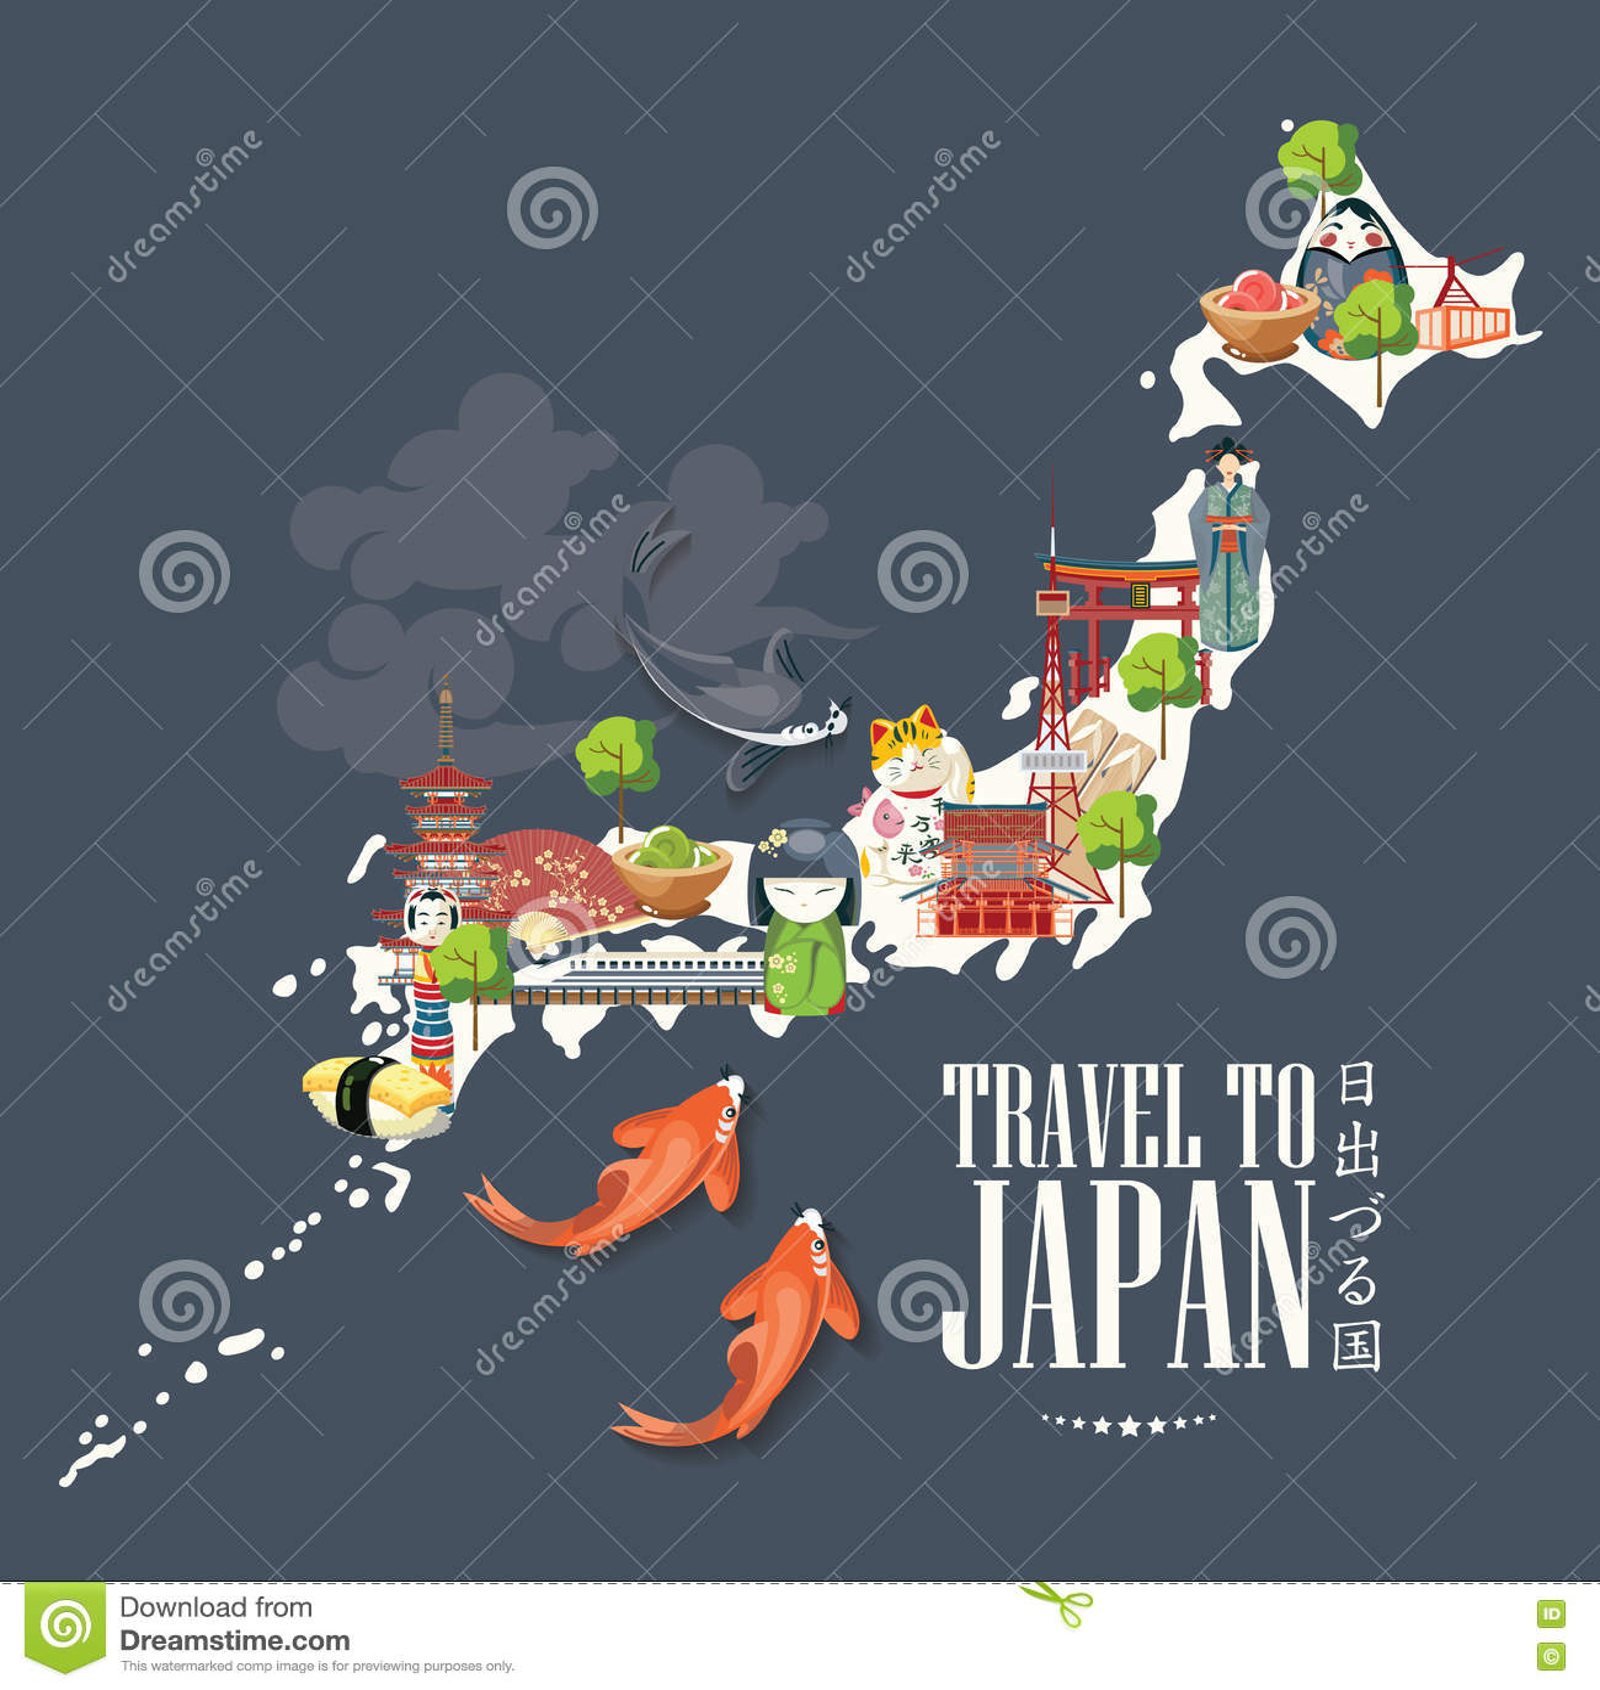 Cartaz do curso de Japão com o mapa no fundo escuro - viaje a Japão